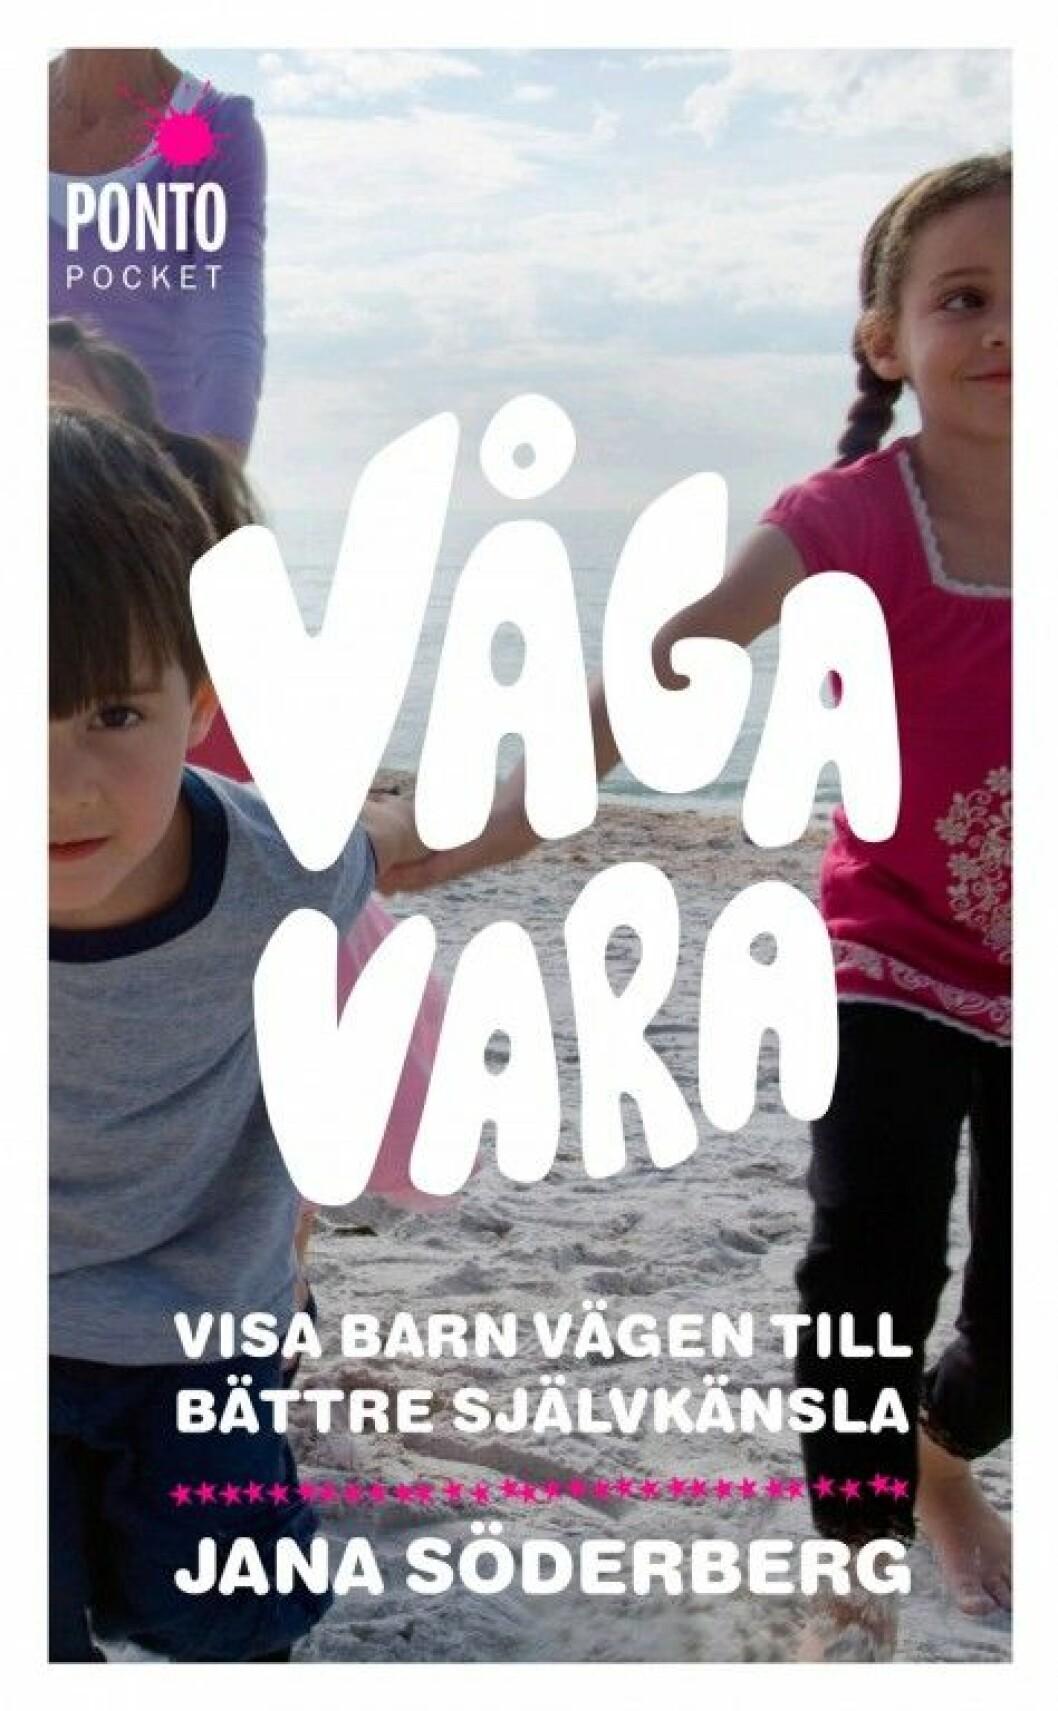 Våga vara: visa barn vägen till bättre självkänsla av Jana Söderberg (Ponto Pocket).